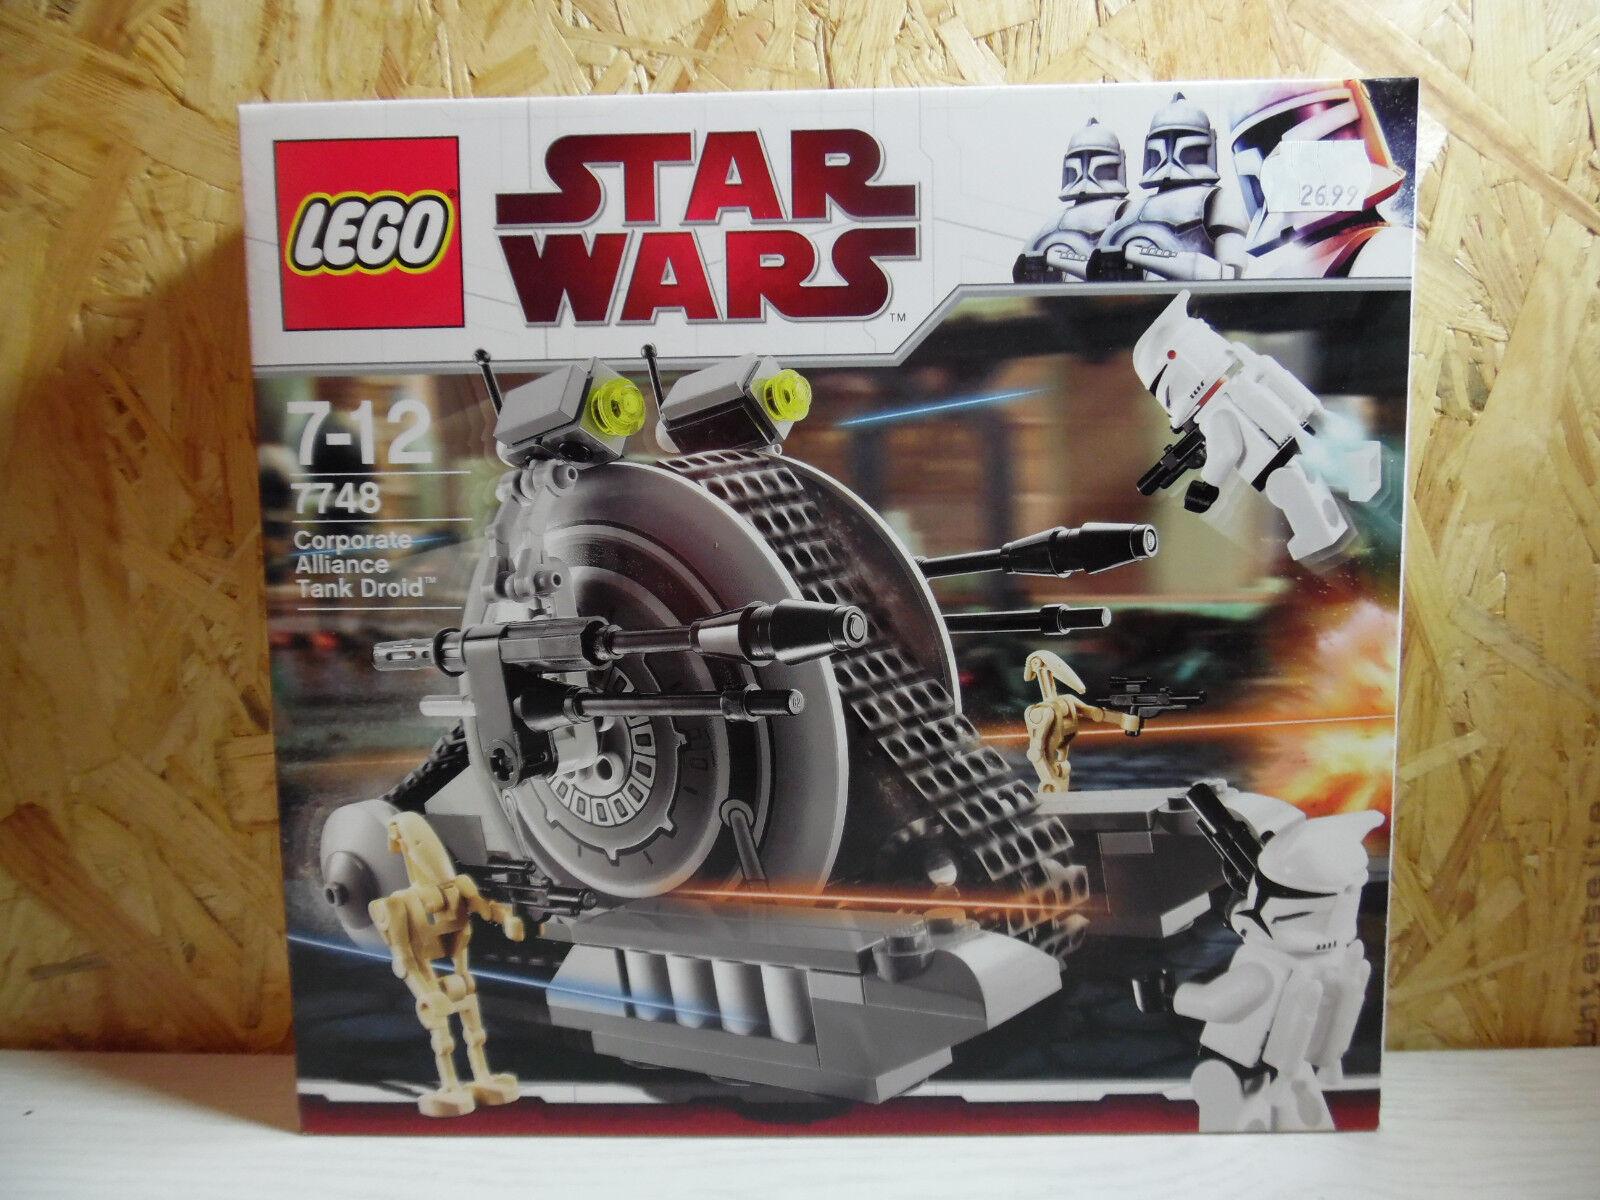 LEGO Star Wars / Corporate Alliance Tank Droid / 7748 / Neu und OVP